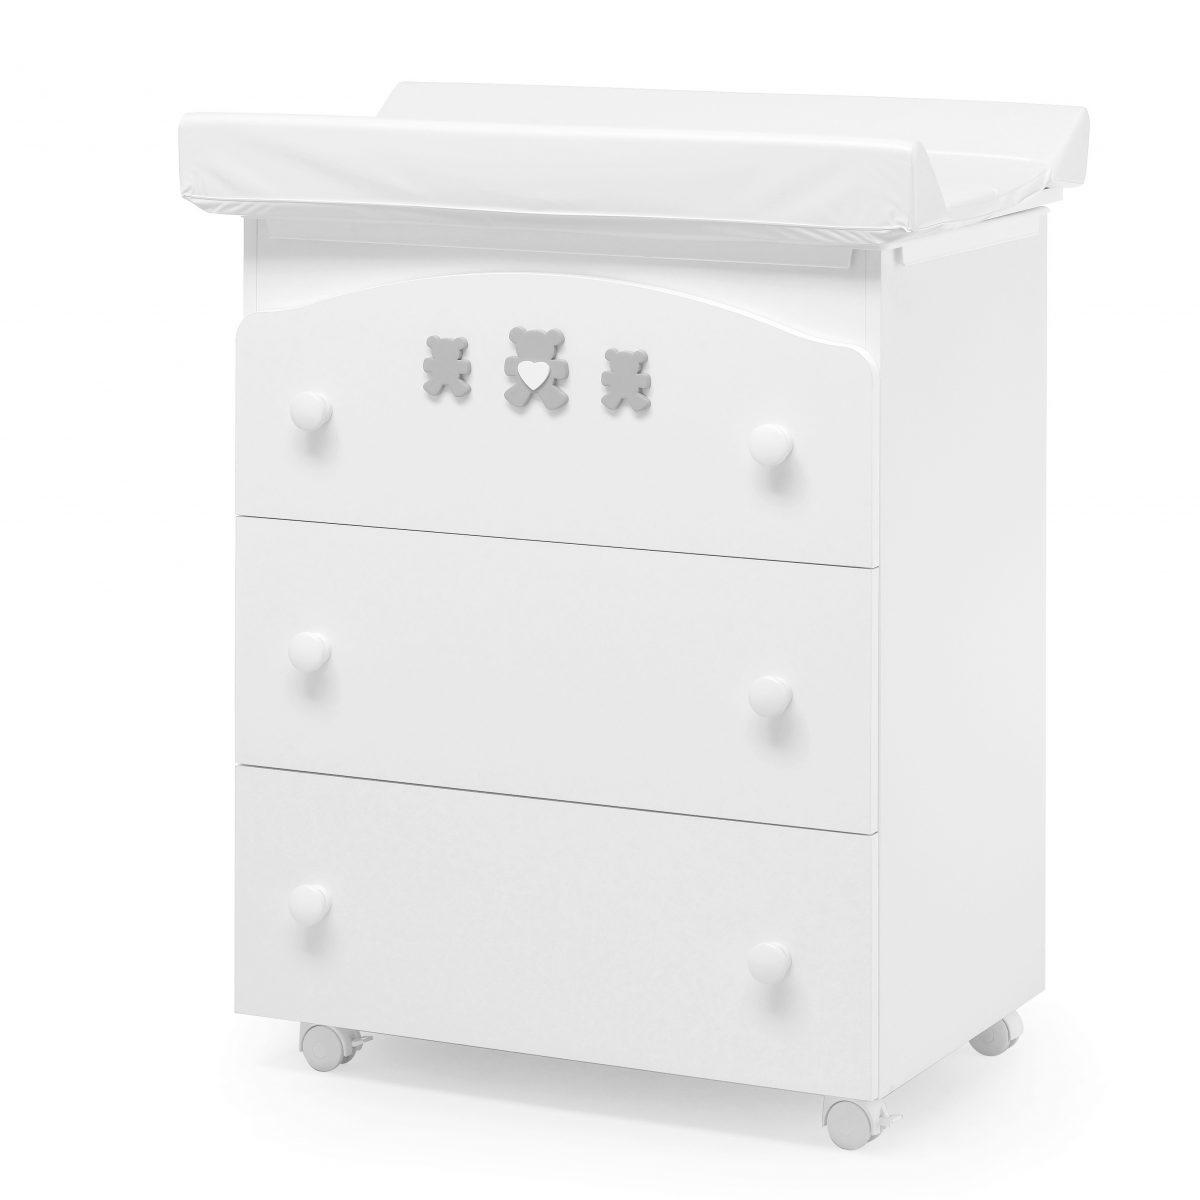 luxusní dětský nábytek - přebalovací pult 3v1 Molly